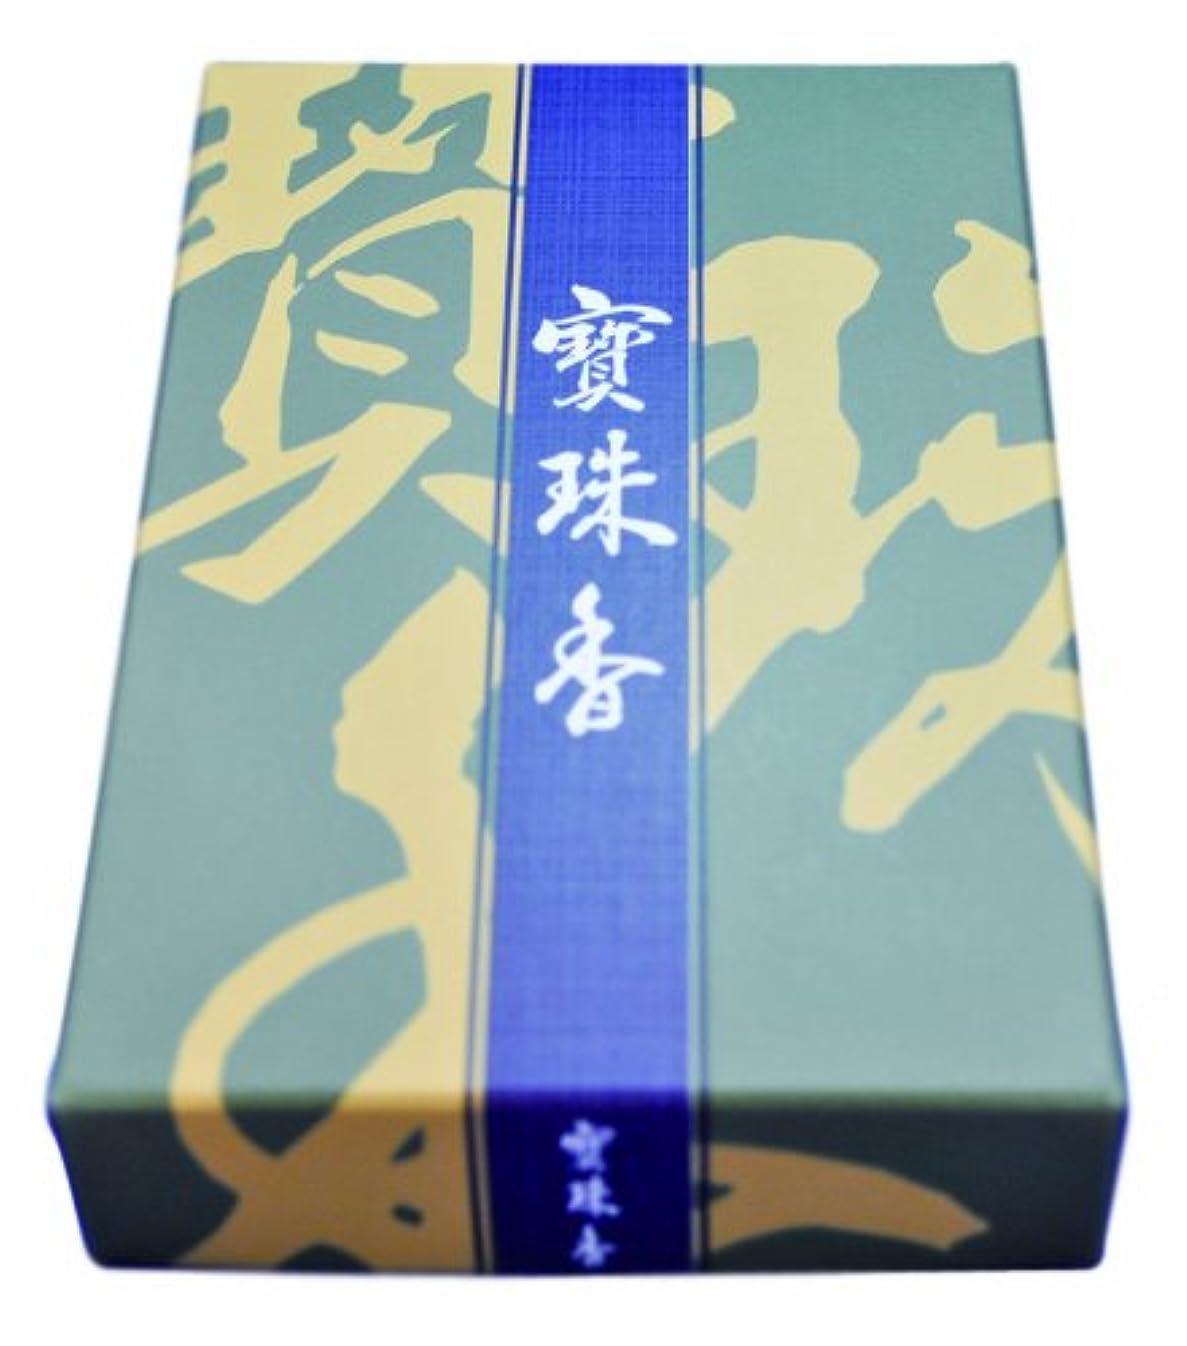 アリーナ先史時代の収まるお線香 寳珠香 短寸バラ詰 約42g シャム沈香の香り